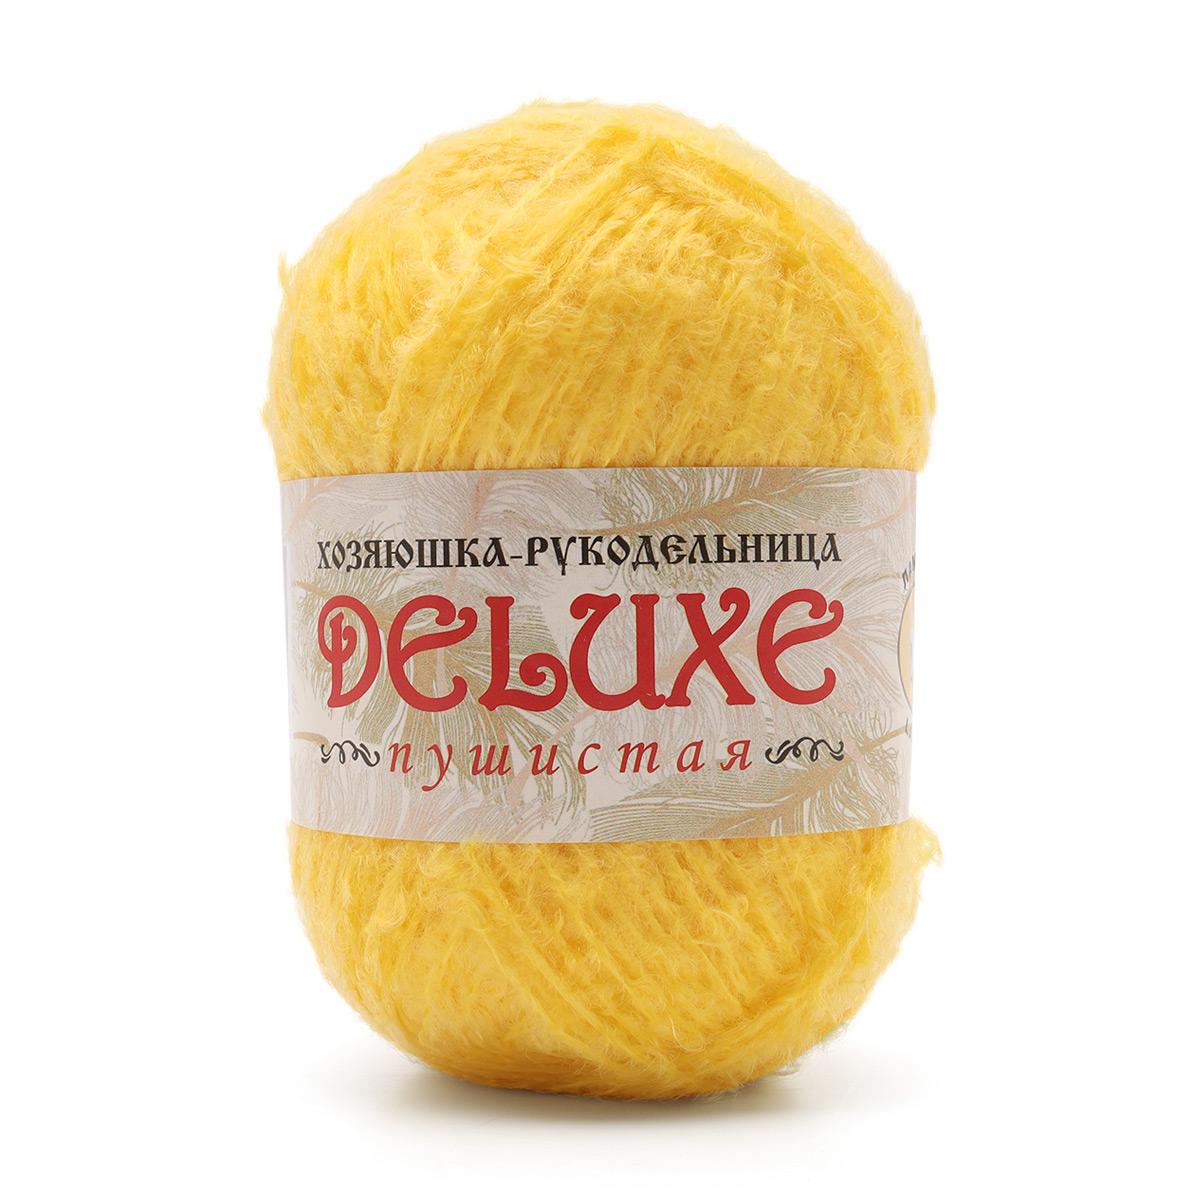 Пряжа для вязания 'DeLuxe' 50г. 140м (100% полипропилен)